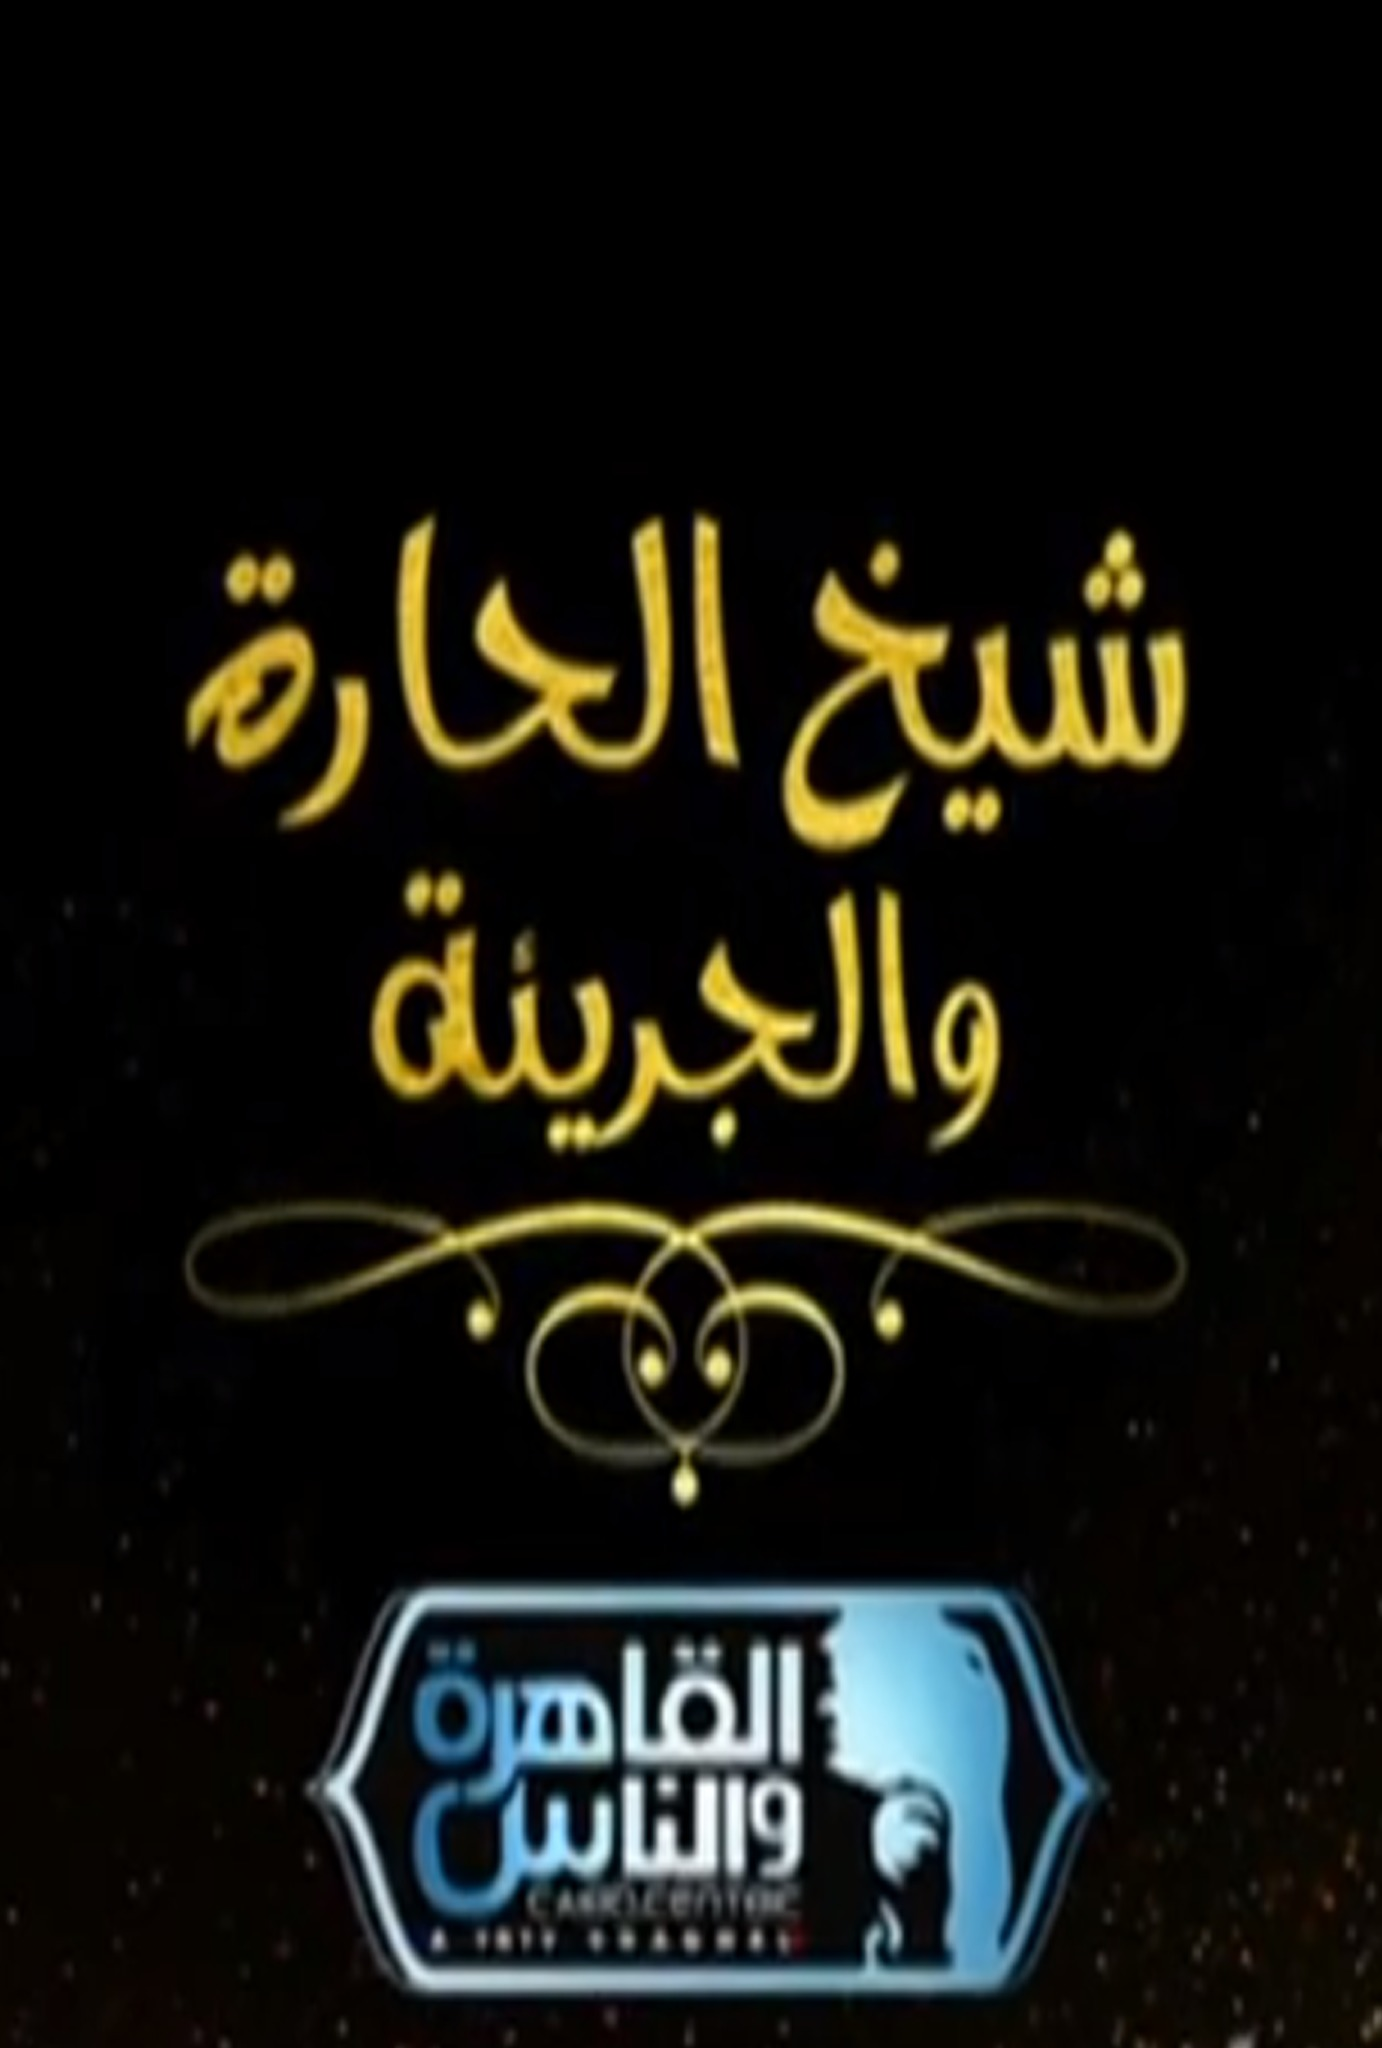 موعد وتوقيت عرض برنامج شيخ الحارة والجريئة على قناة القاهرة والناس رمضان 2020